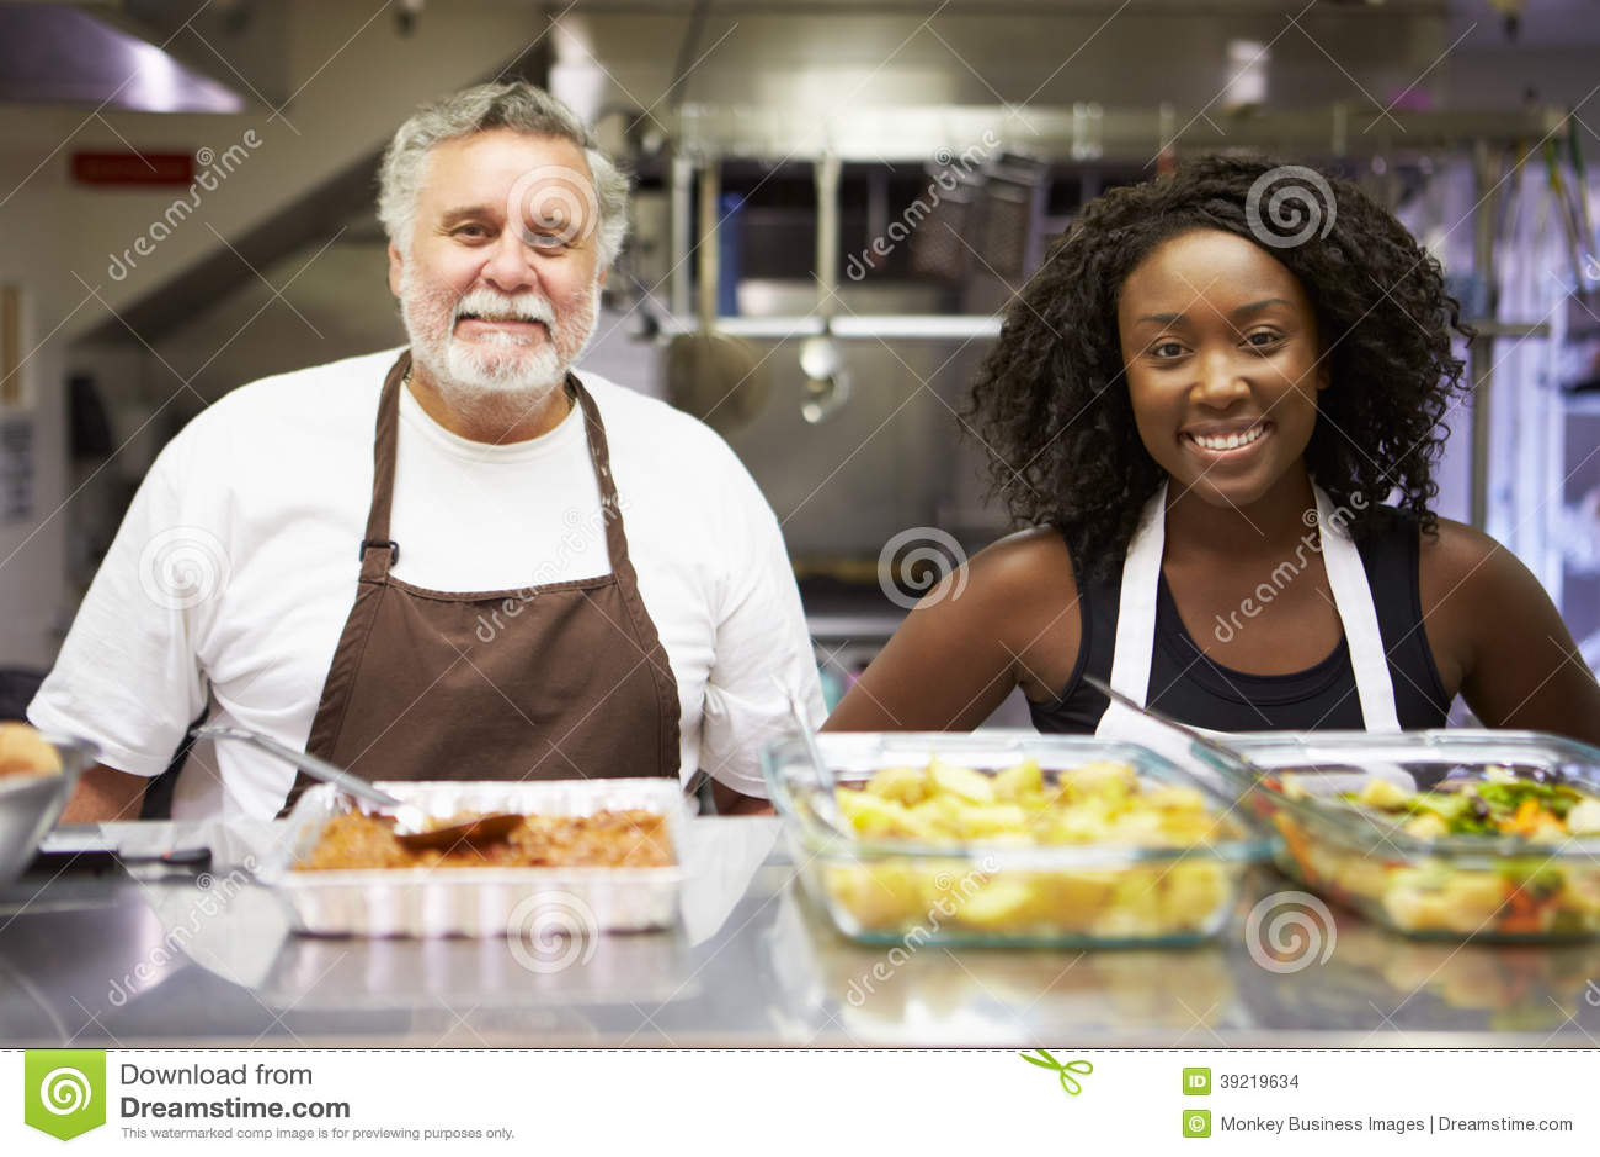 Retrato del personal de la cocina en refugio para personas sin techo